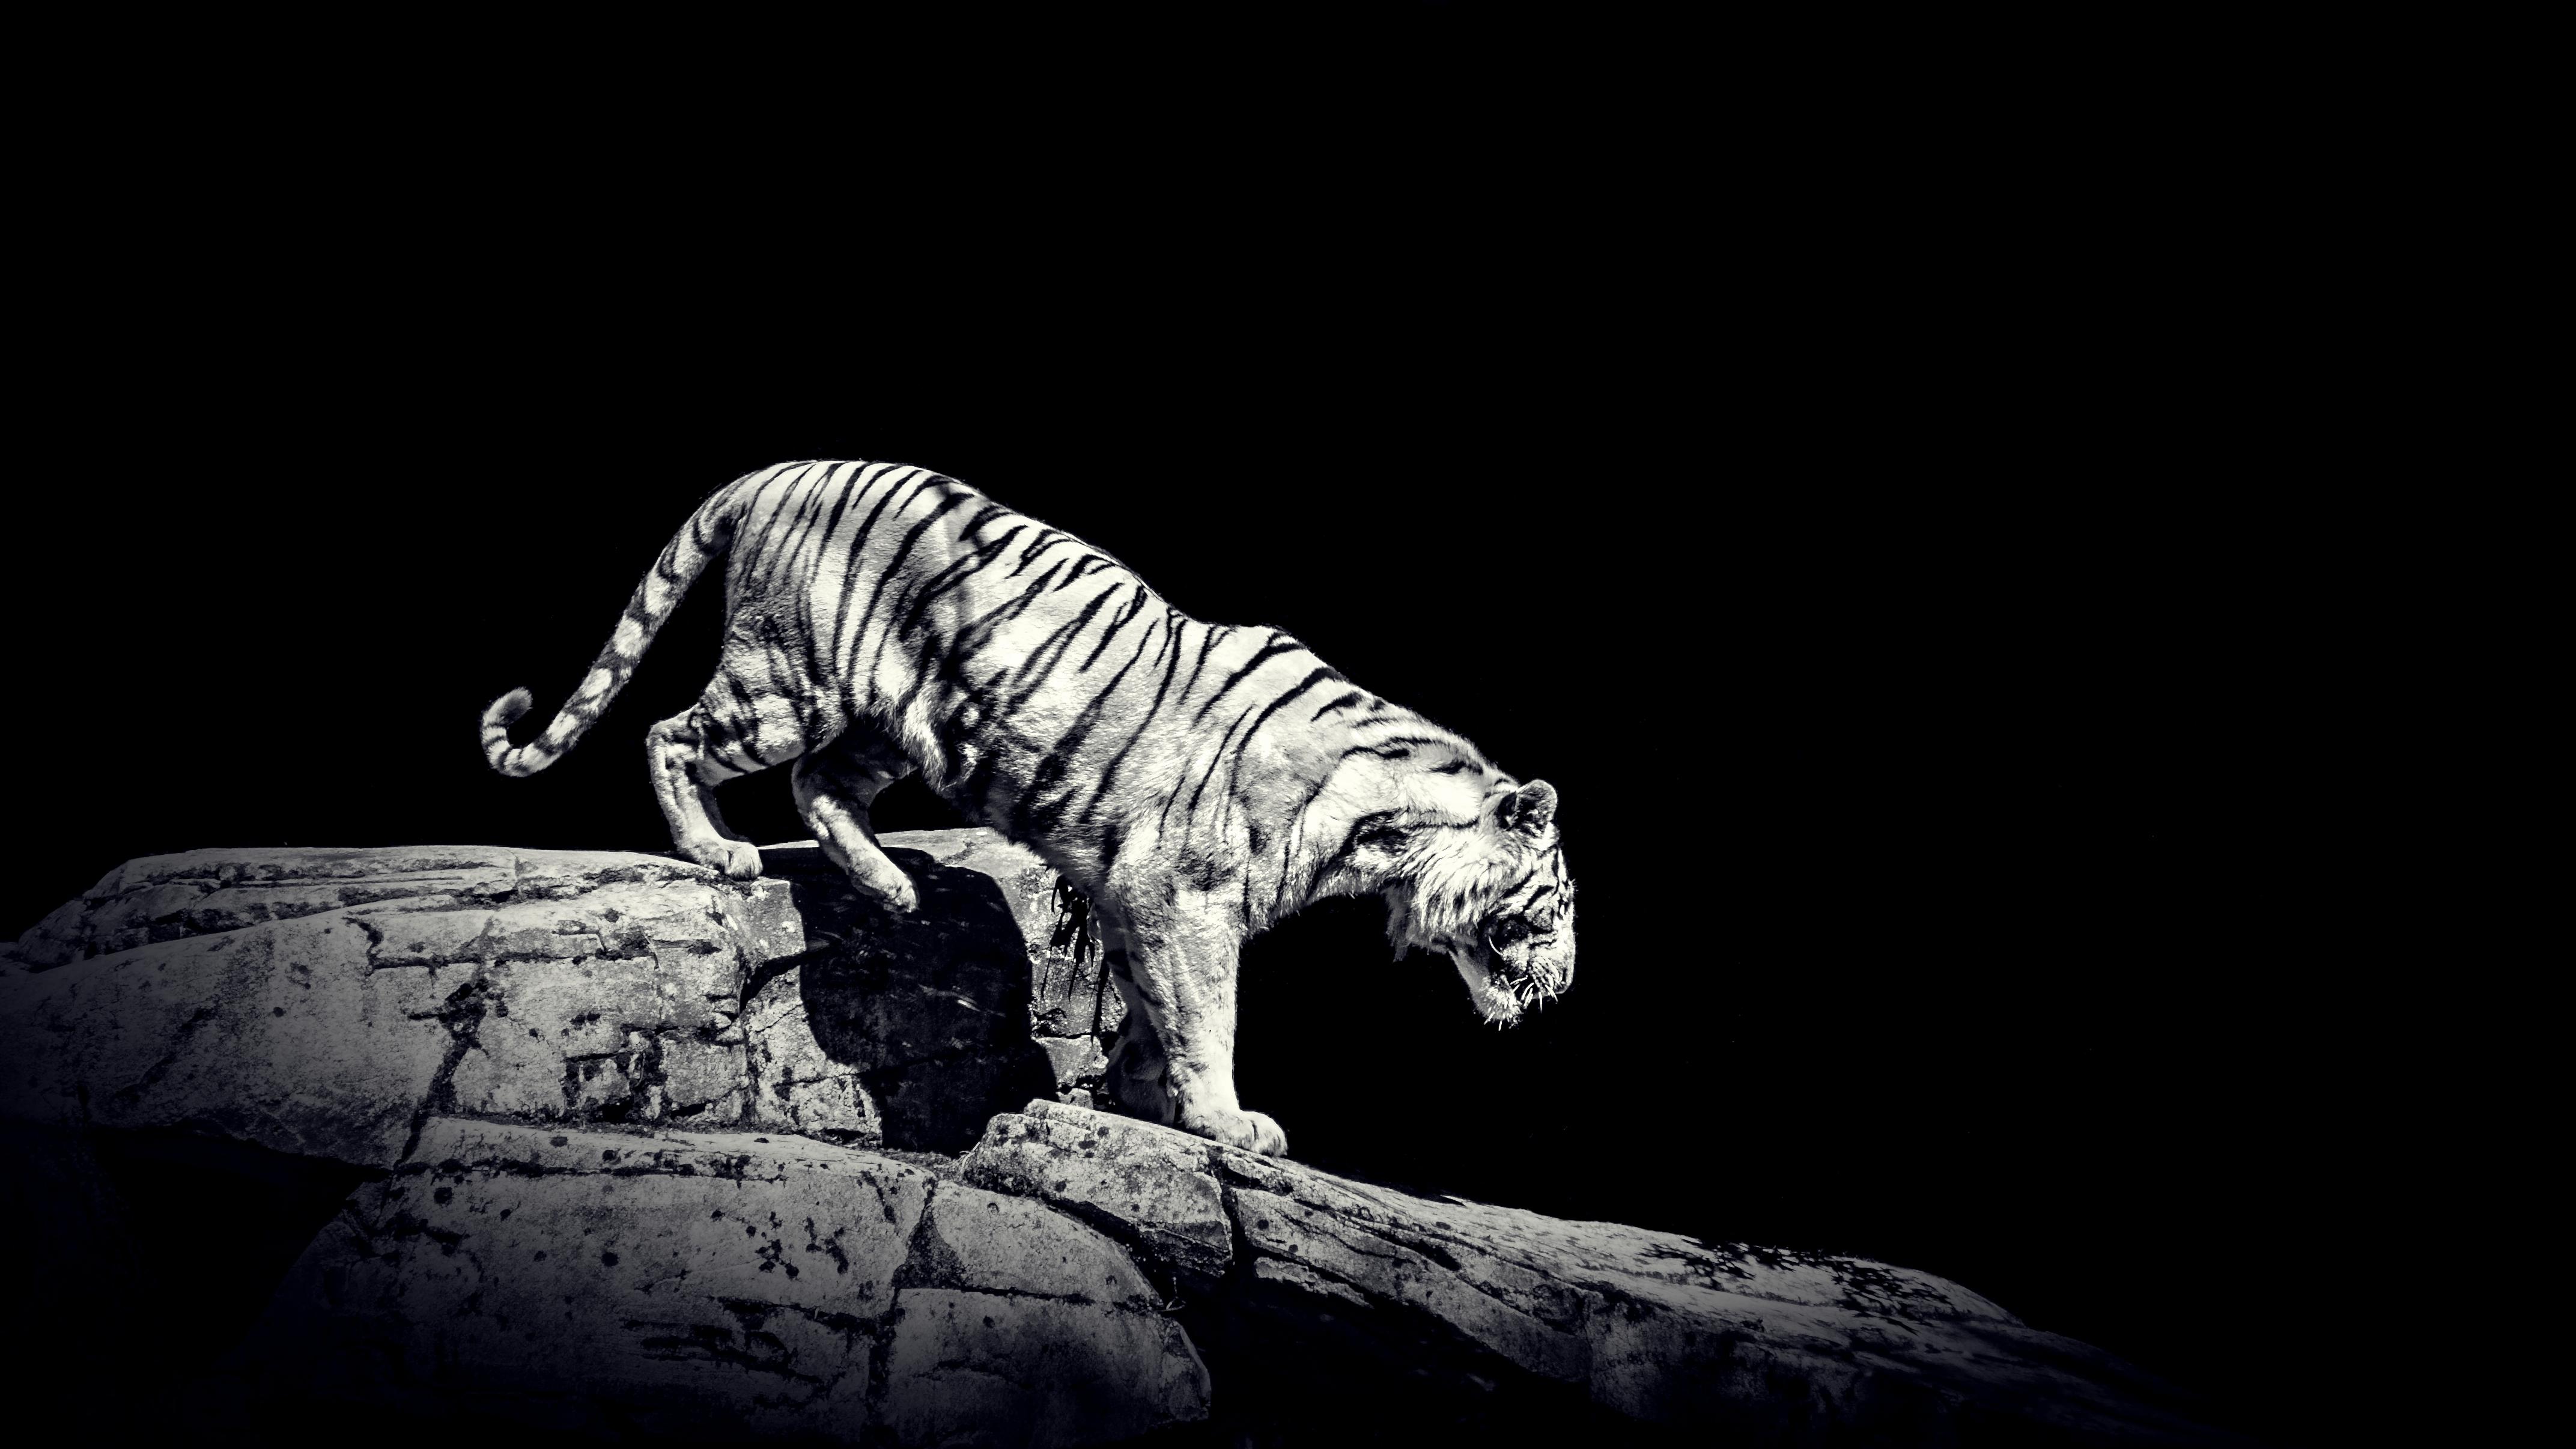 41+ Gambar hewan puma hitam putih terupdate